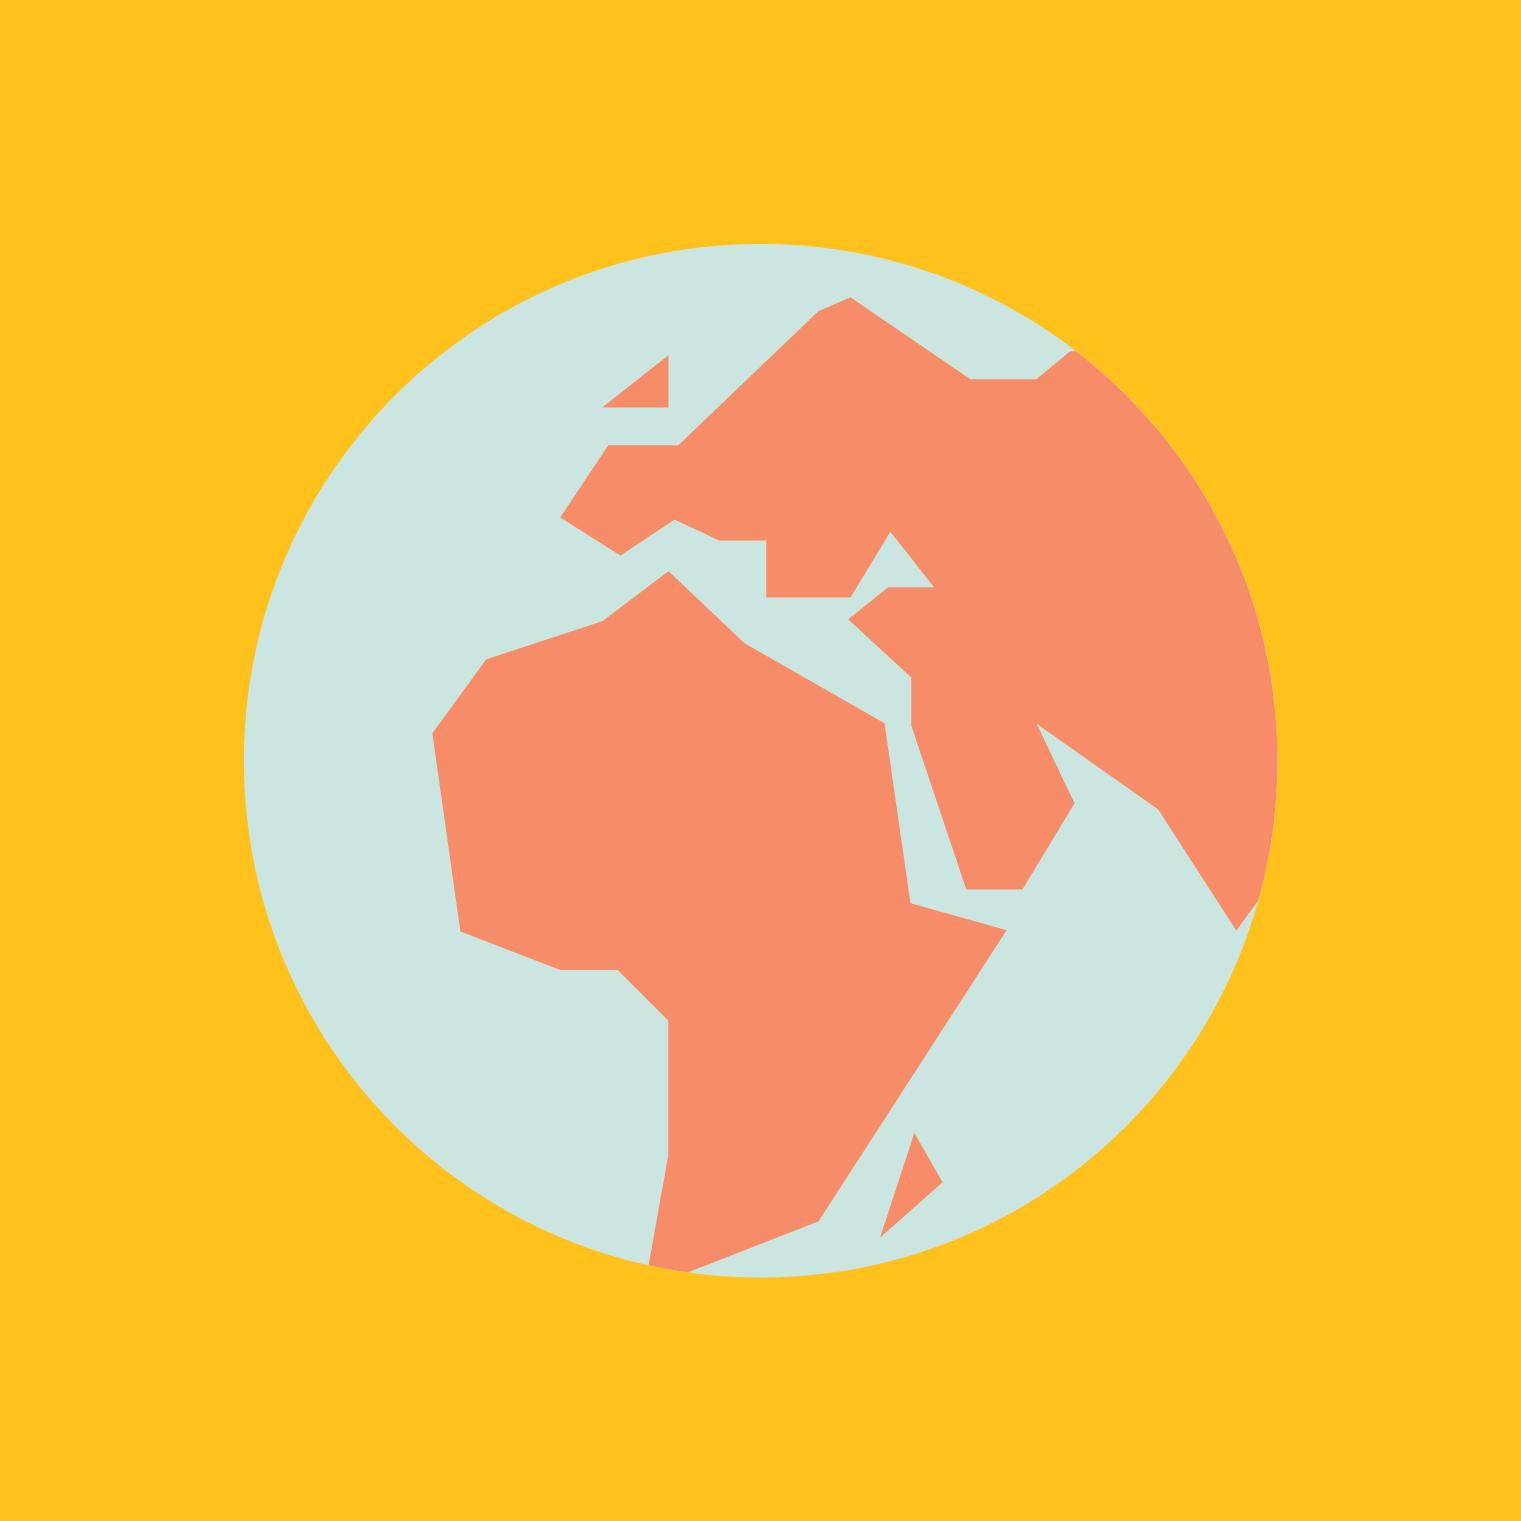 Färgglad illustration av planeten jorden